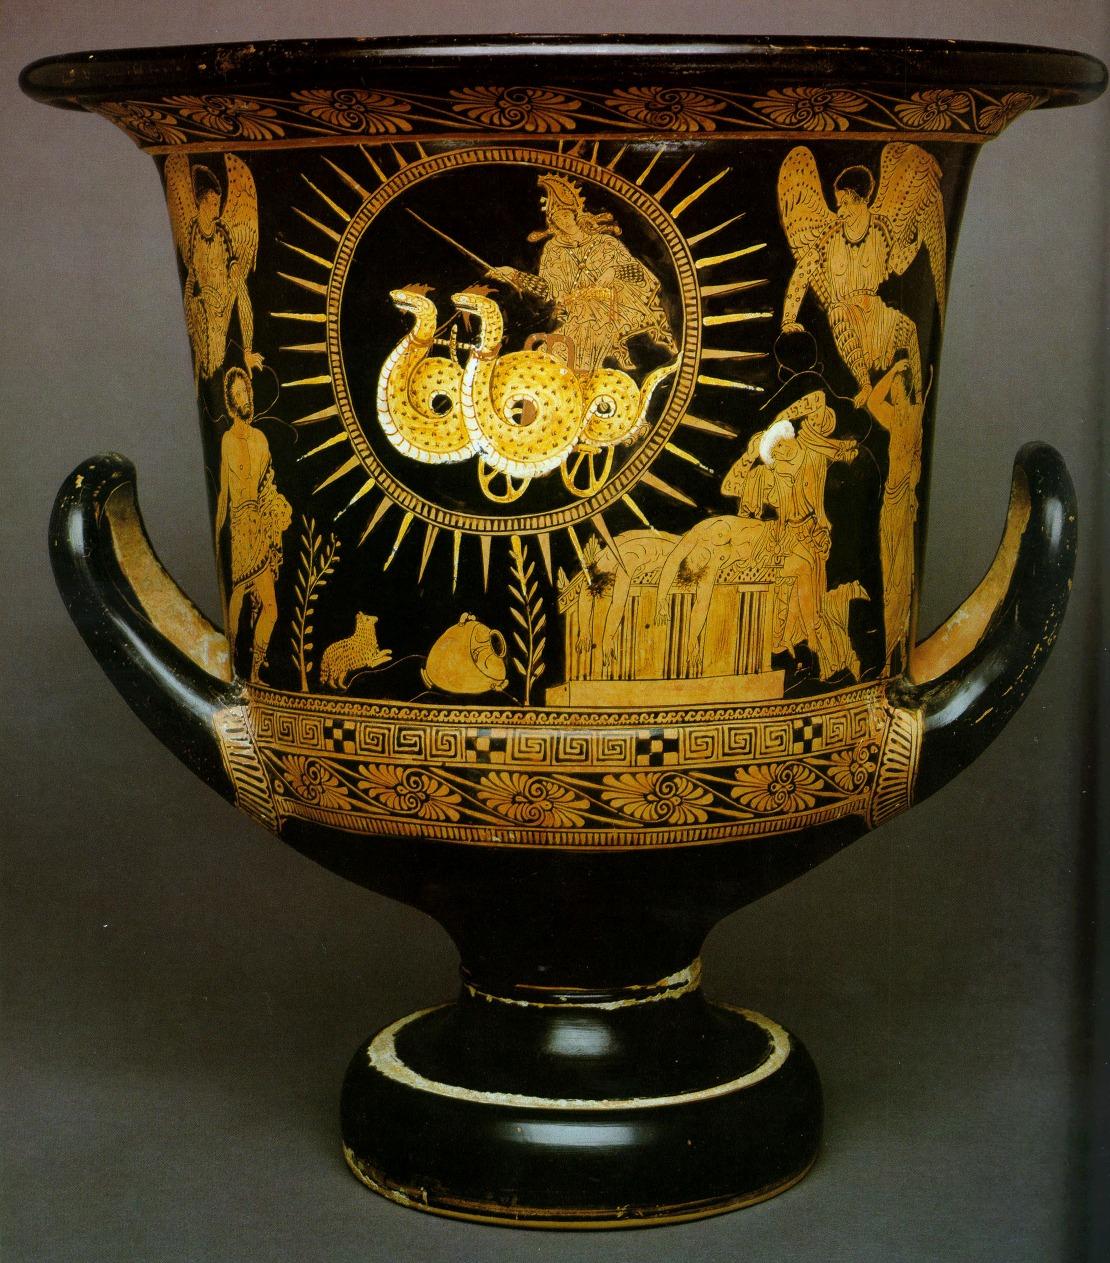 DRAGONS OF MEDEA (Drakones) - Serpents of Greek Mythology